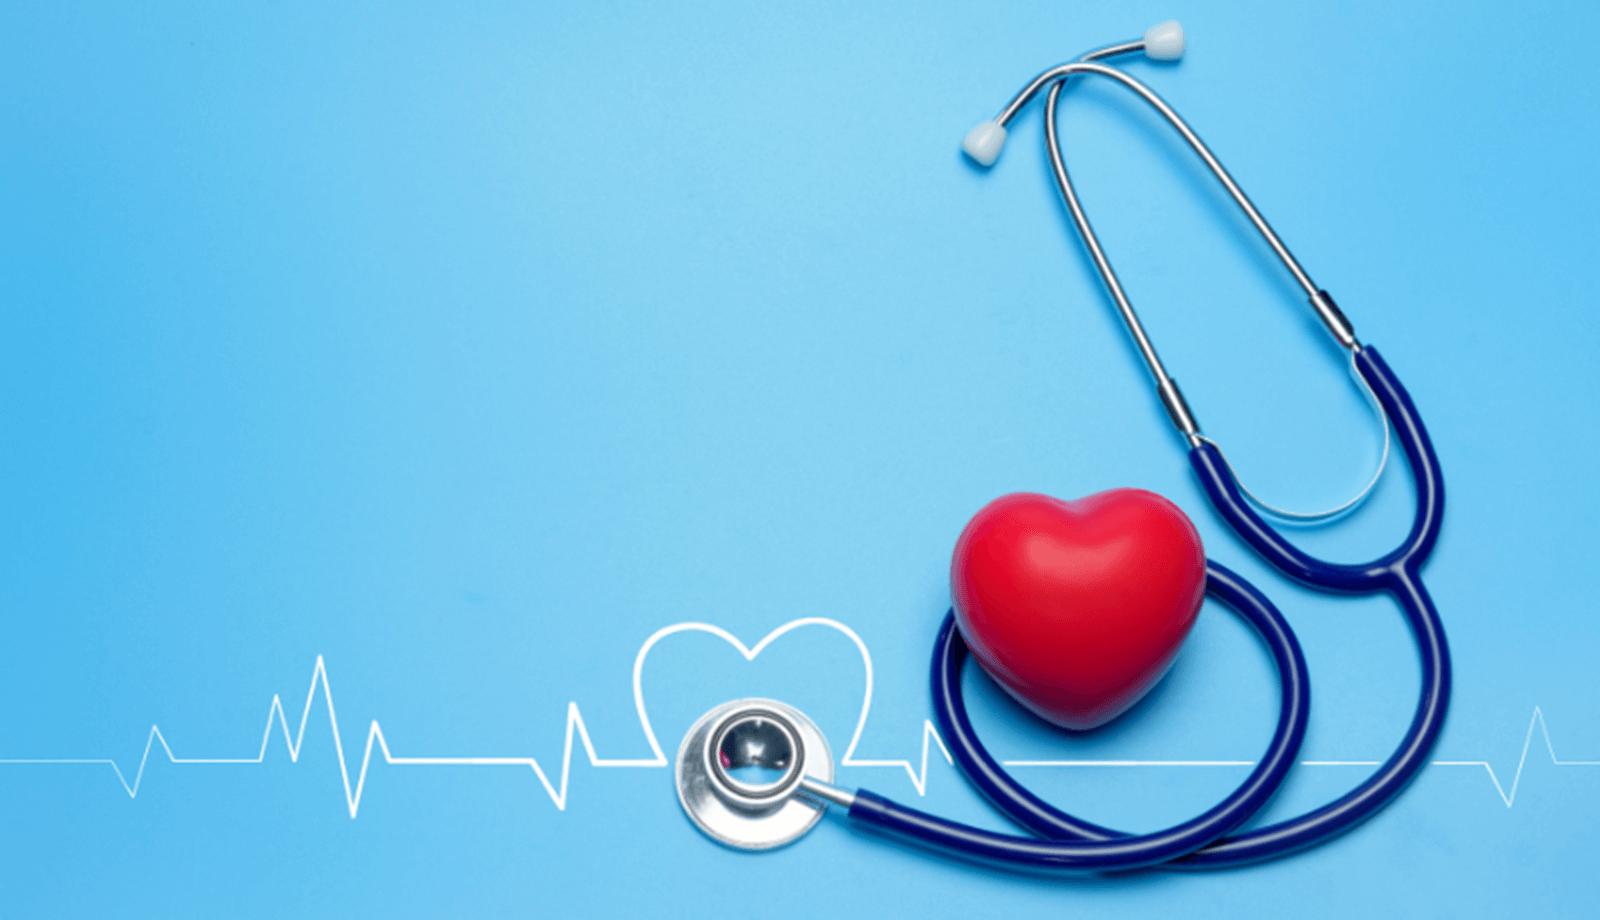 magas vérnyomás és a vérnyomás hirtelen csökkenése kezelés a magas vérnyomás megelőzésére